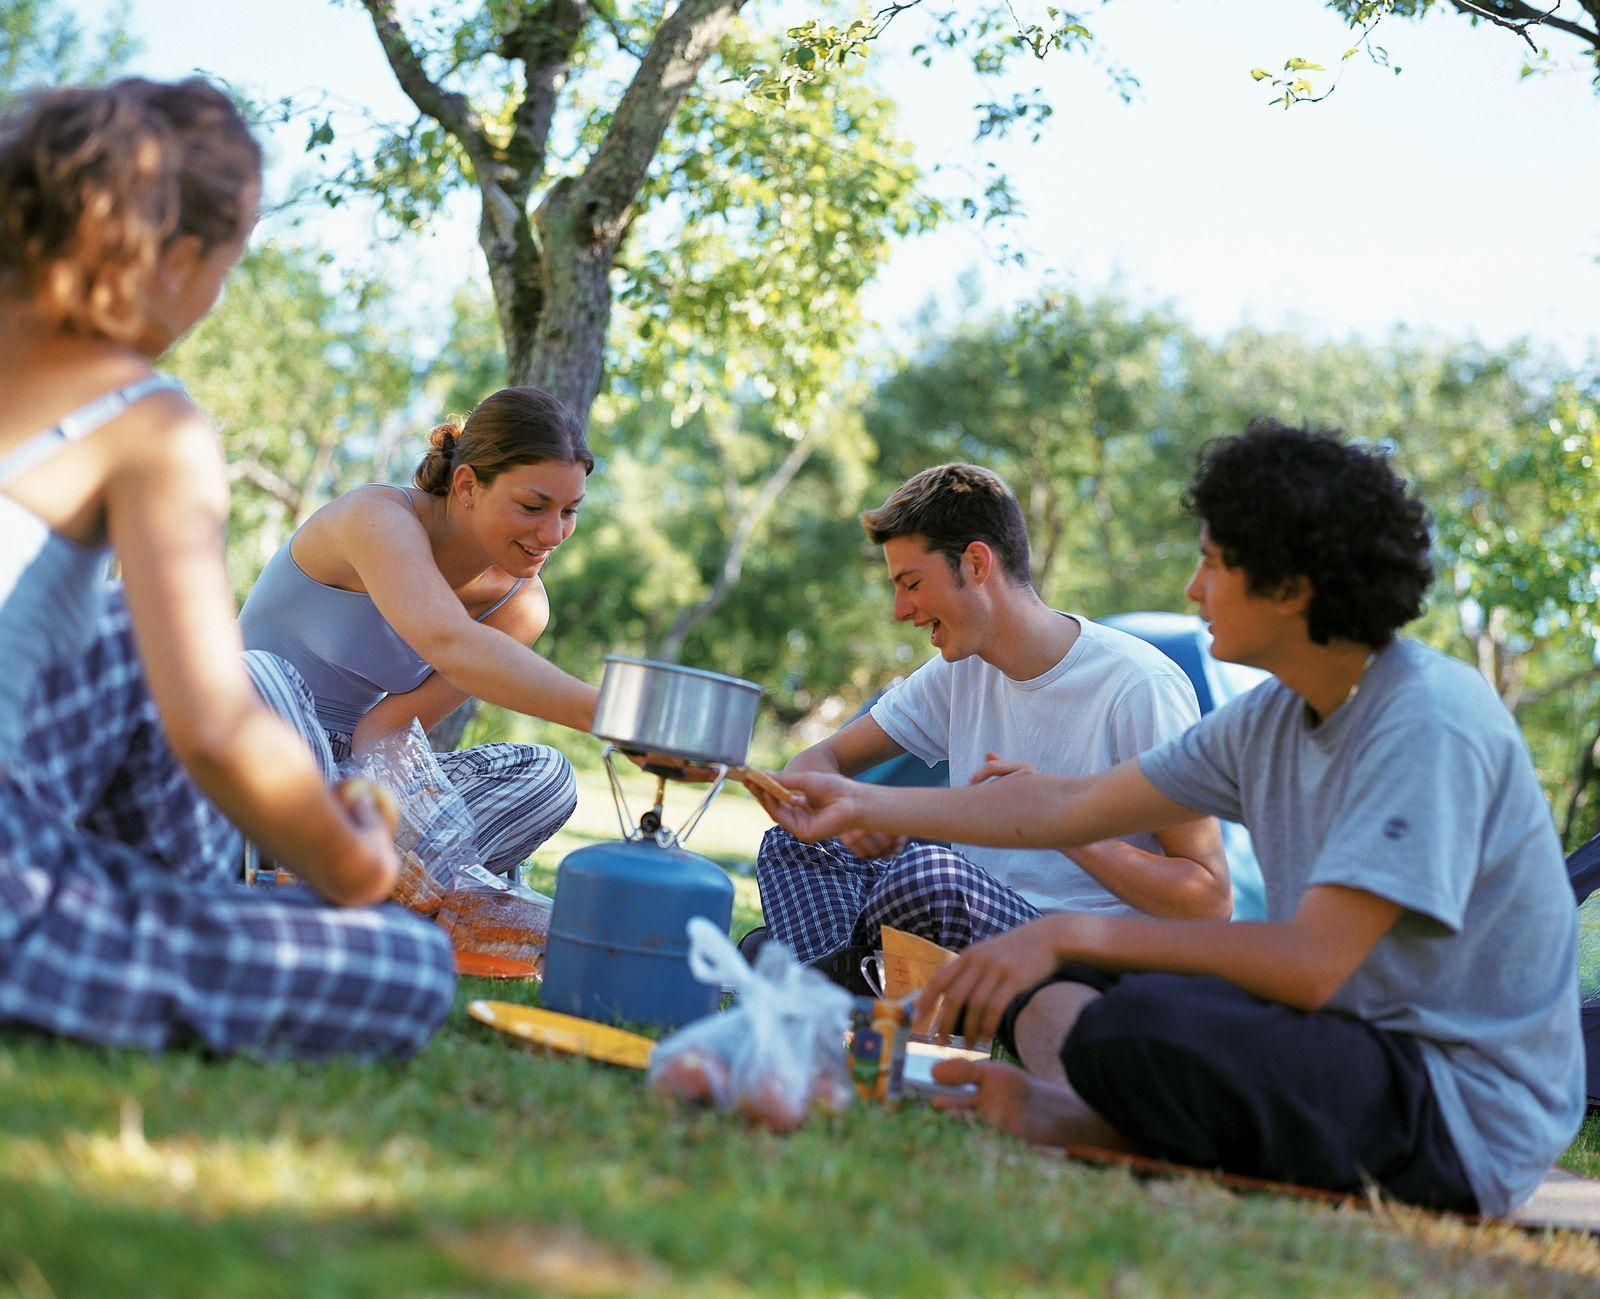 NICHT MEHR VERWENDEN! - Freunde / Picknick / Camping